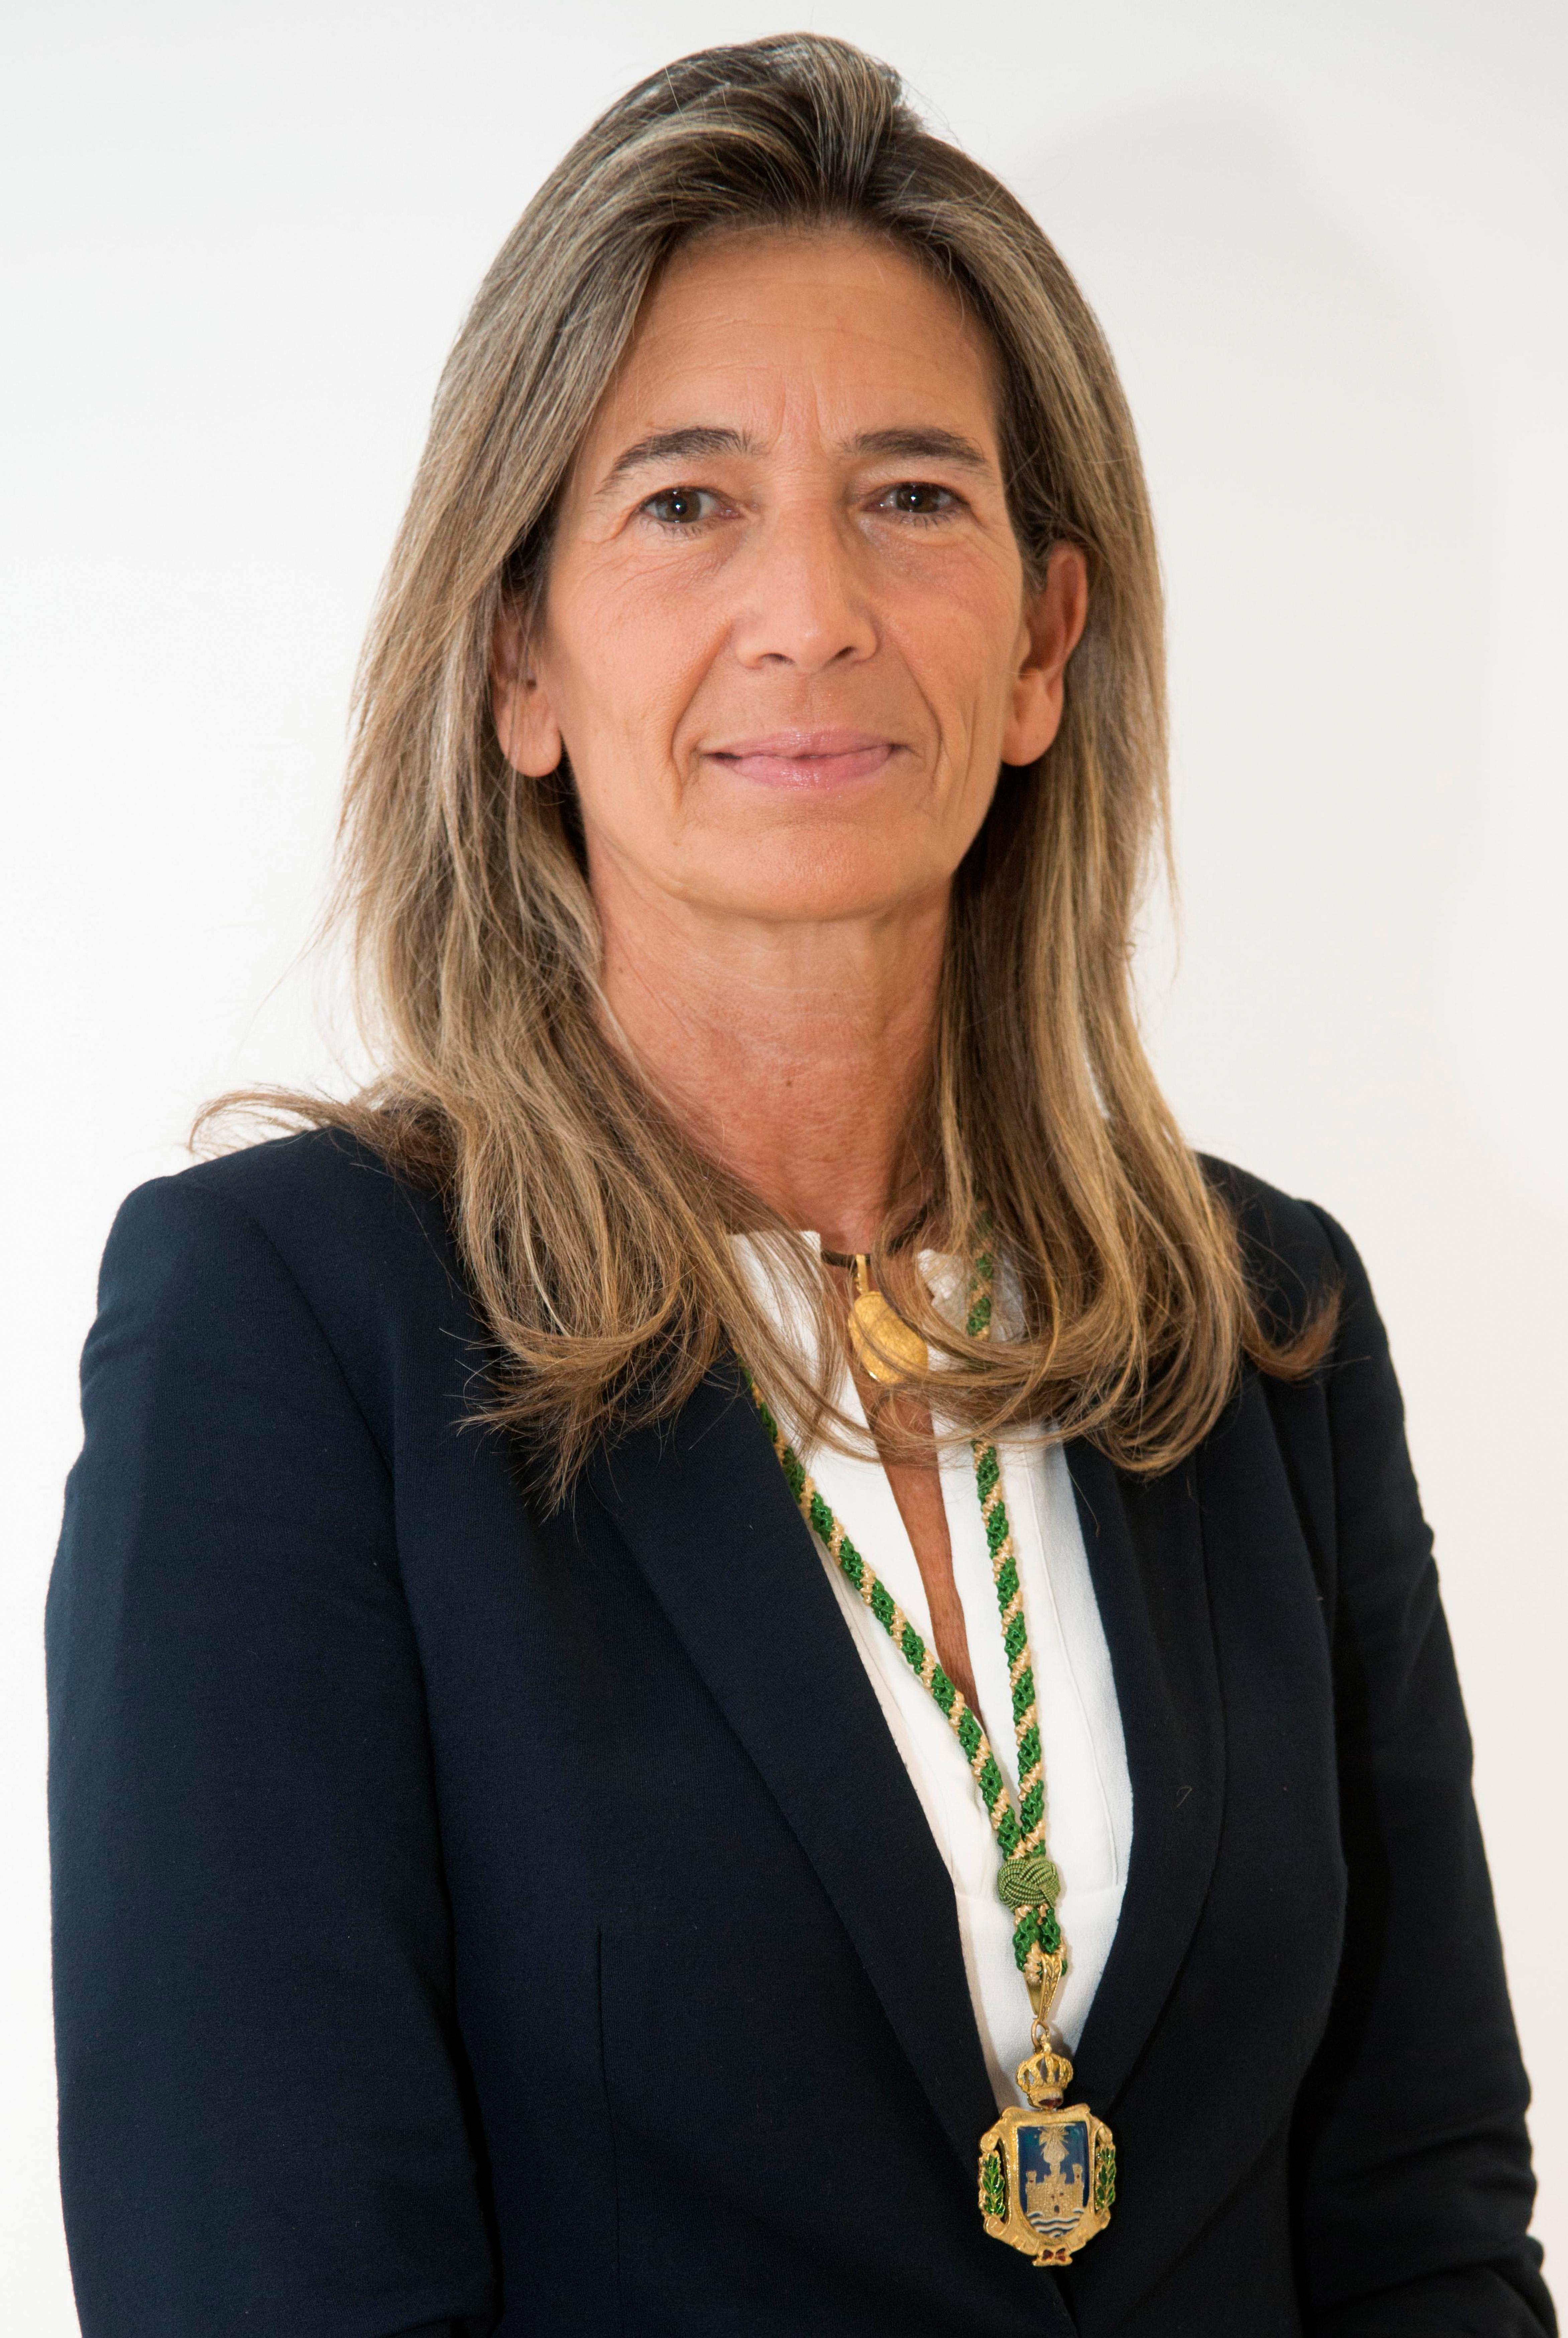 Danuxia María Enciso Fernández